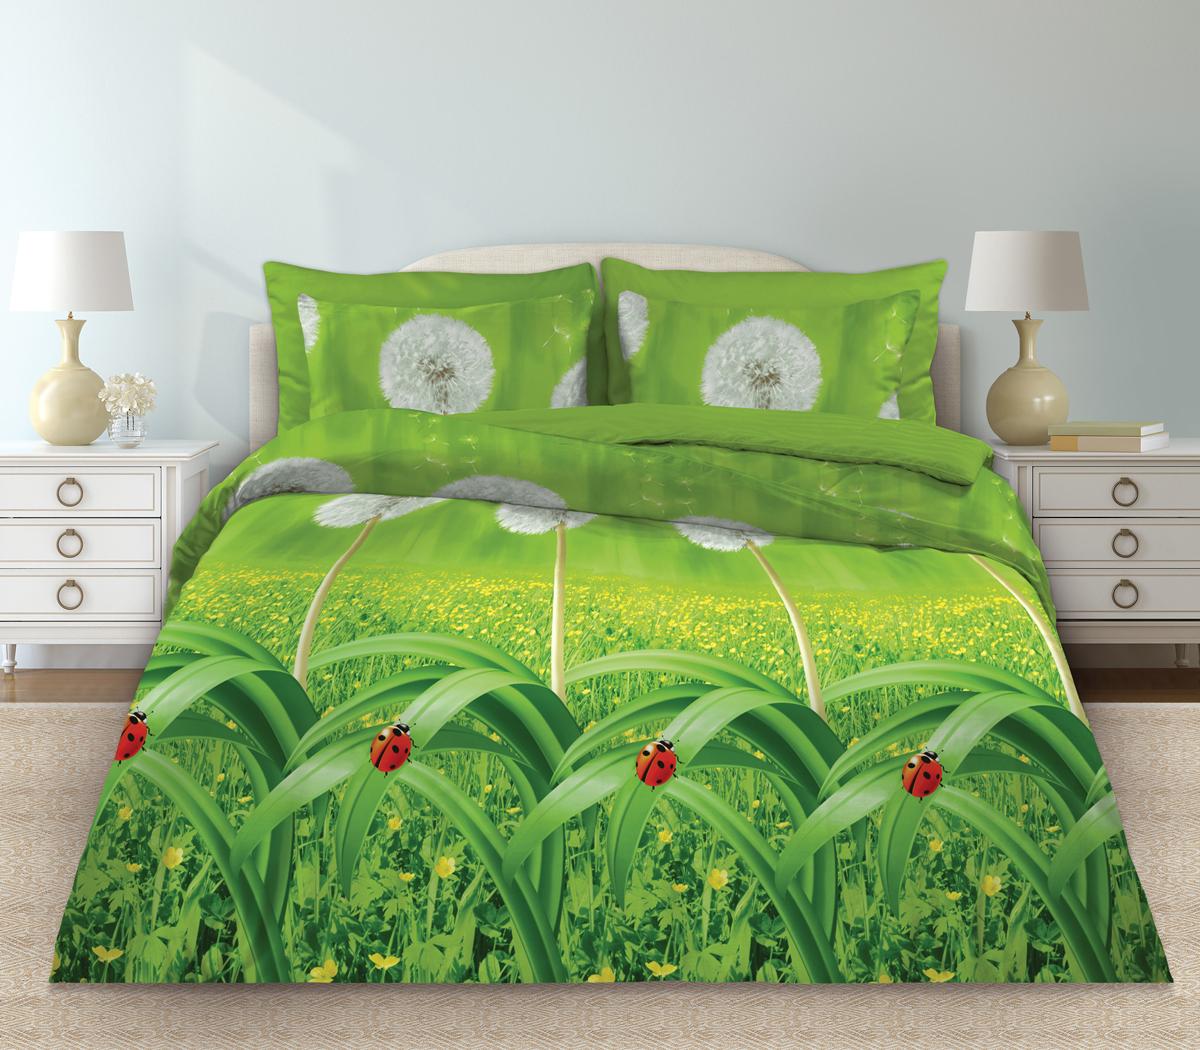 Комплект белья Любимый дом Одуванчики, 1,5 спальное, наволочки 70 х 70, цвет: зеленый. 331081331081Комплект постельного белья коллекции «Любимый дом» - выполнен из высококачественной ткани из 100% хлопка. Такое белье абсолютно натуральное, гипоаллергенное, соответствует строжайшим экологическим нормам безопасности, комфортное, дышащее, не нарушает естественные процессы терморегуляции, прочное, не линяет, не деформируется и не теряет своих красок даже после многочисленных стирок, а также отличается хорошей износостойкостью.